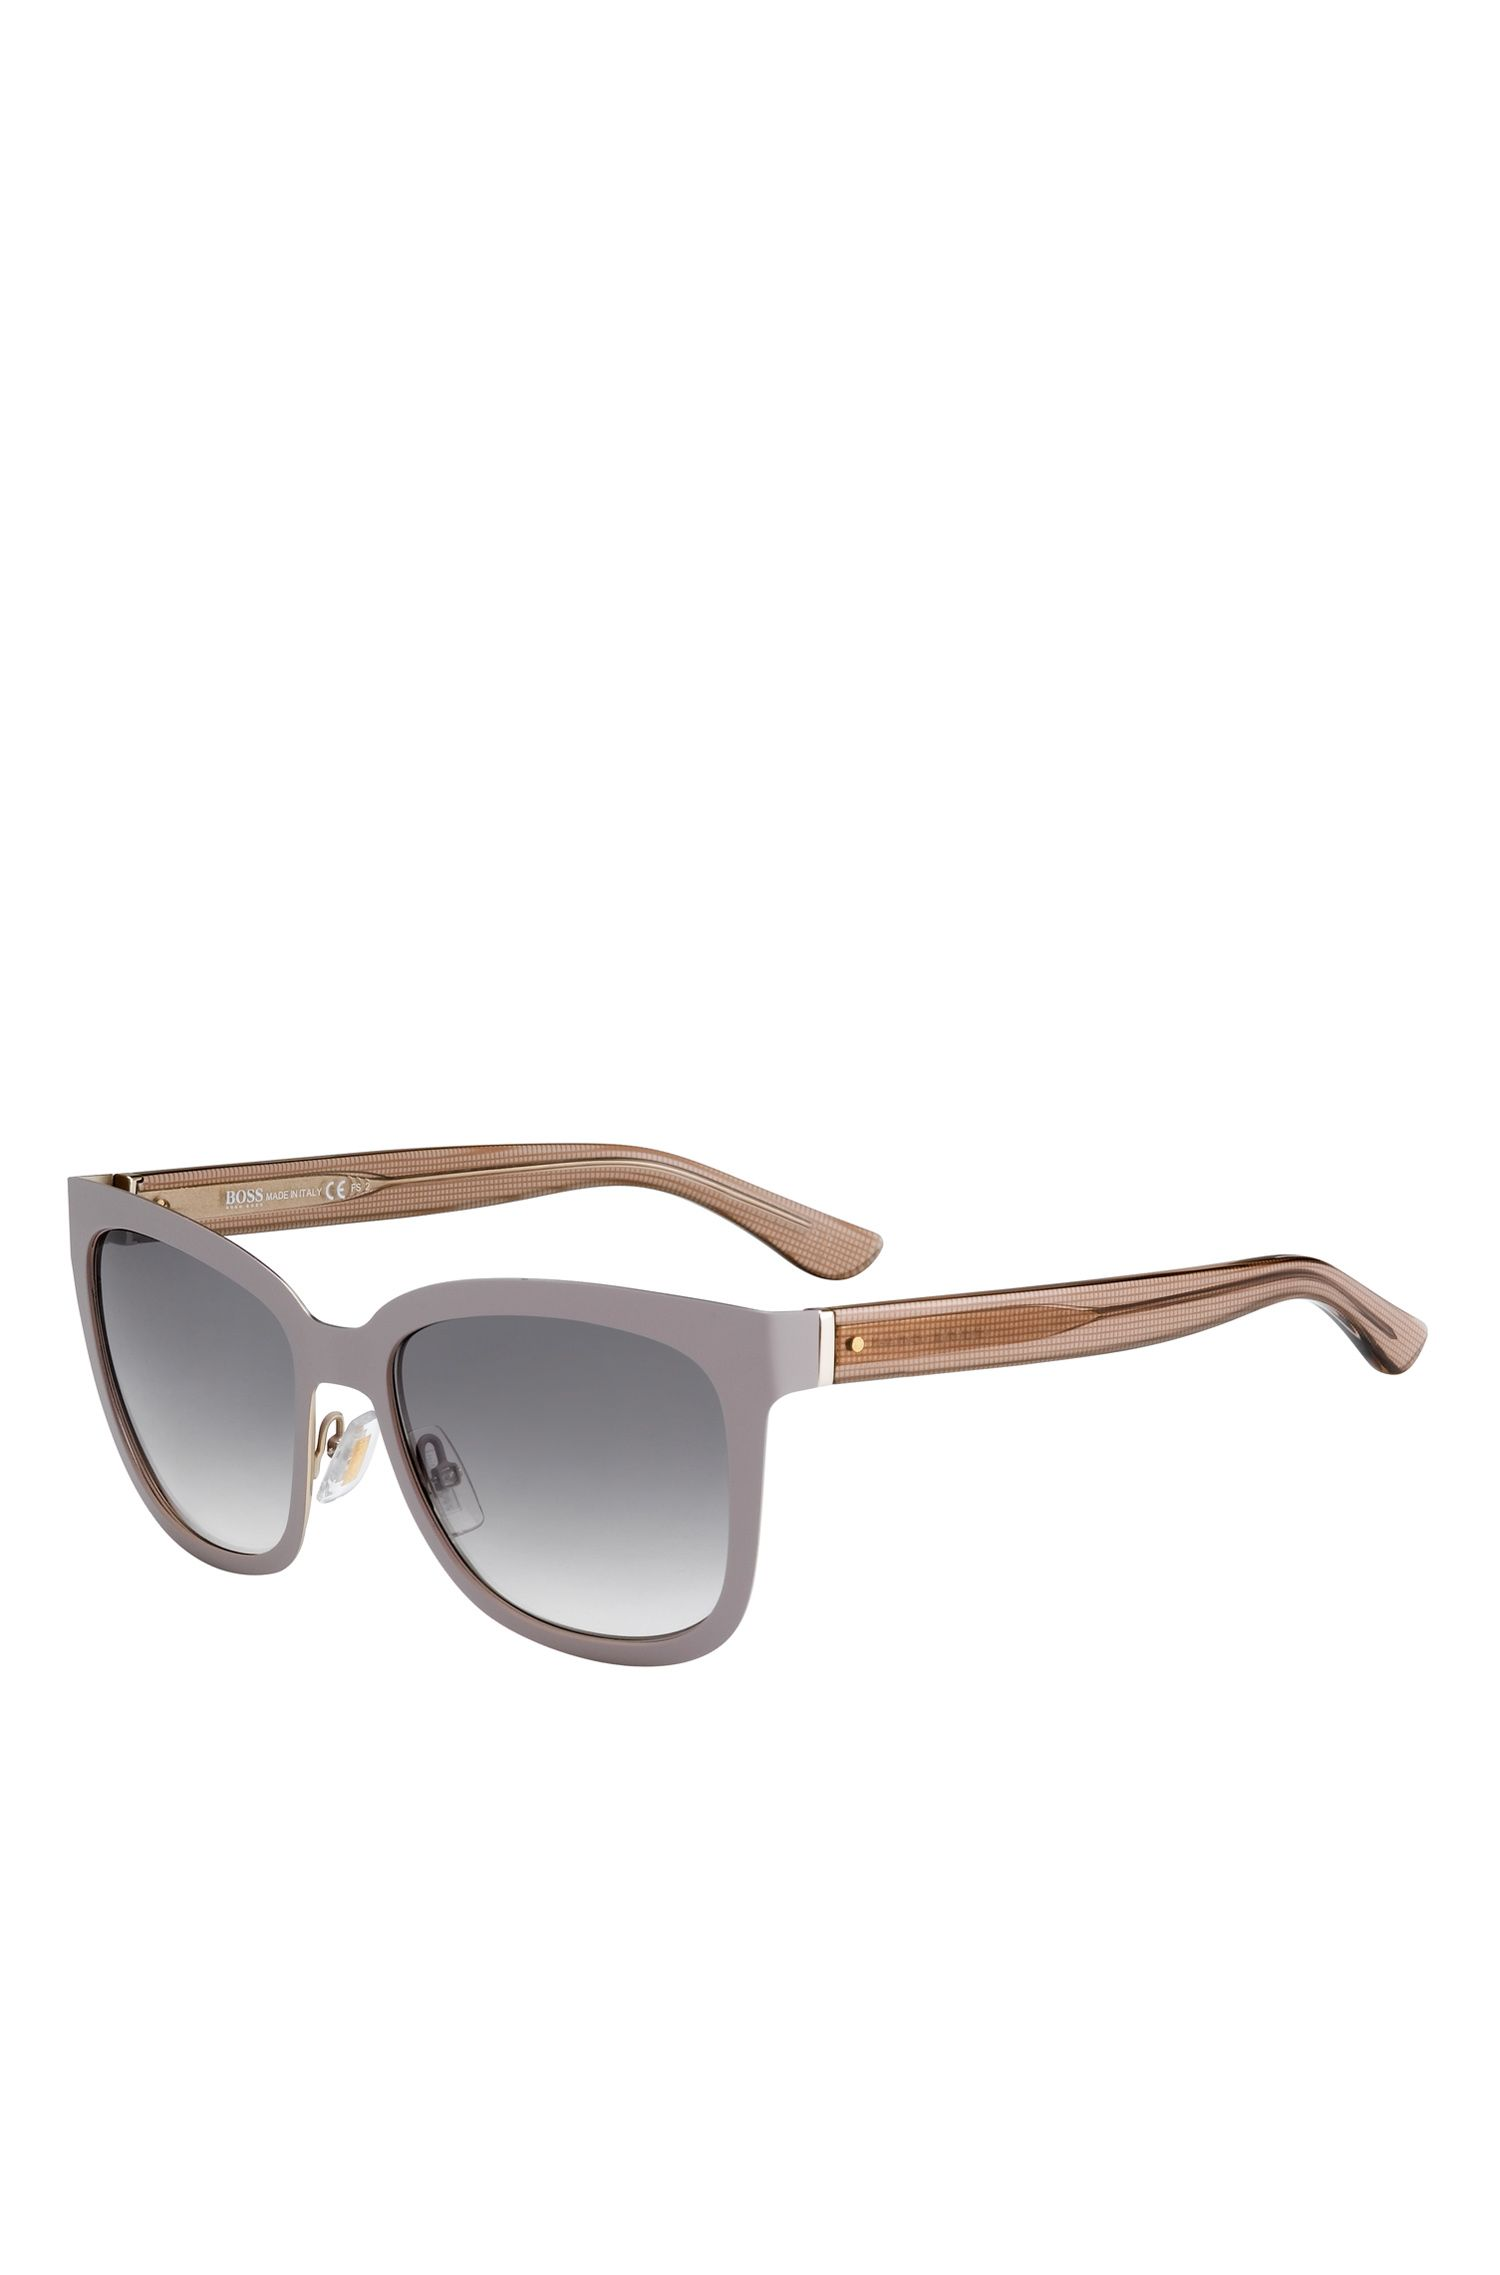 'BOSS 676S' | Gray Gradient Lens Rectangular Sunglasses